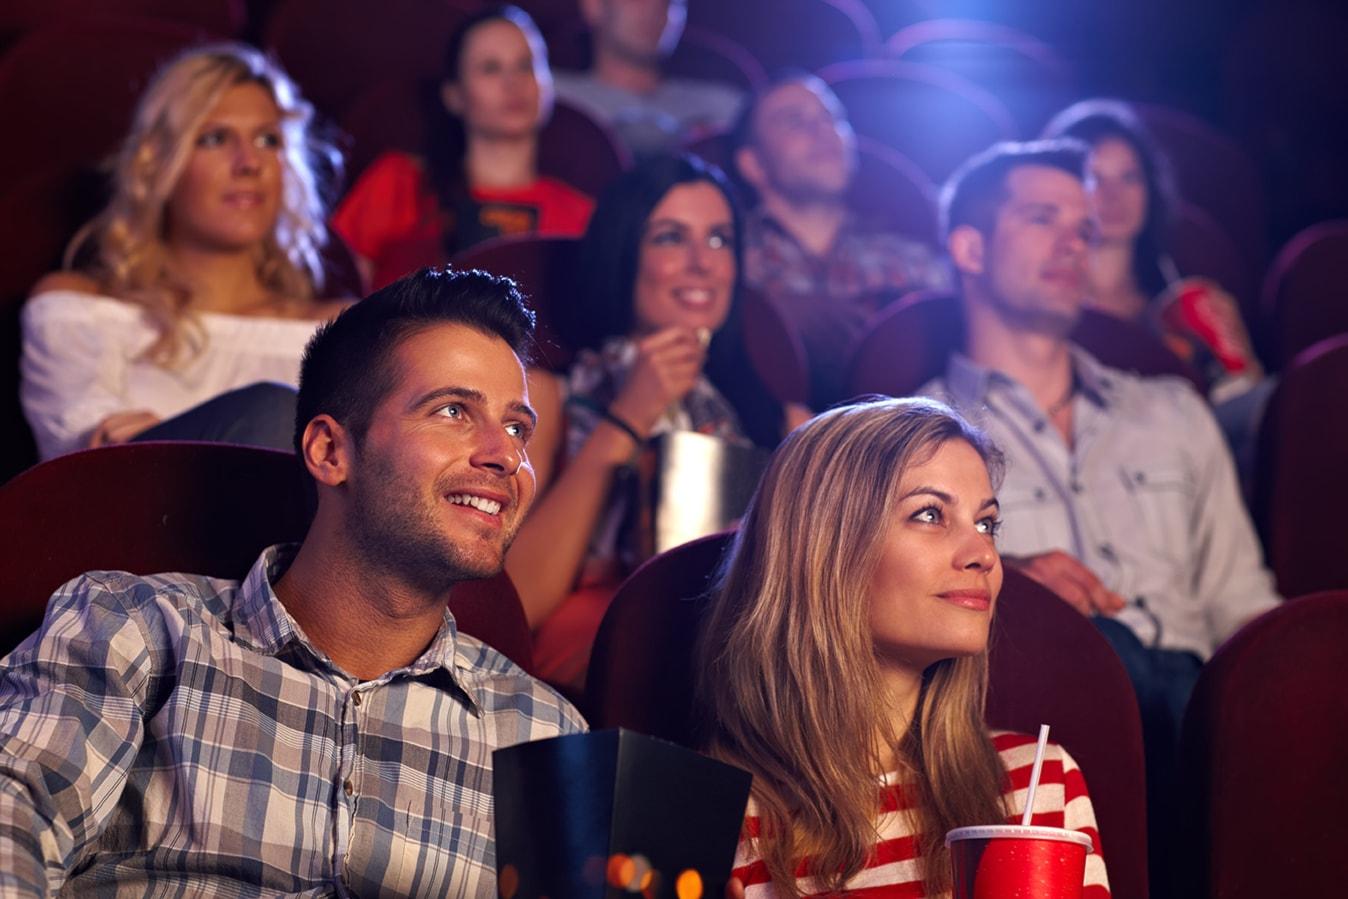 biglietto d'ingresso al Cinema ASTRA per il mese di novembre a soli 5€ anzichè 8€ !